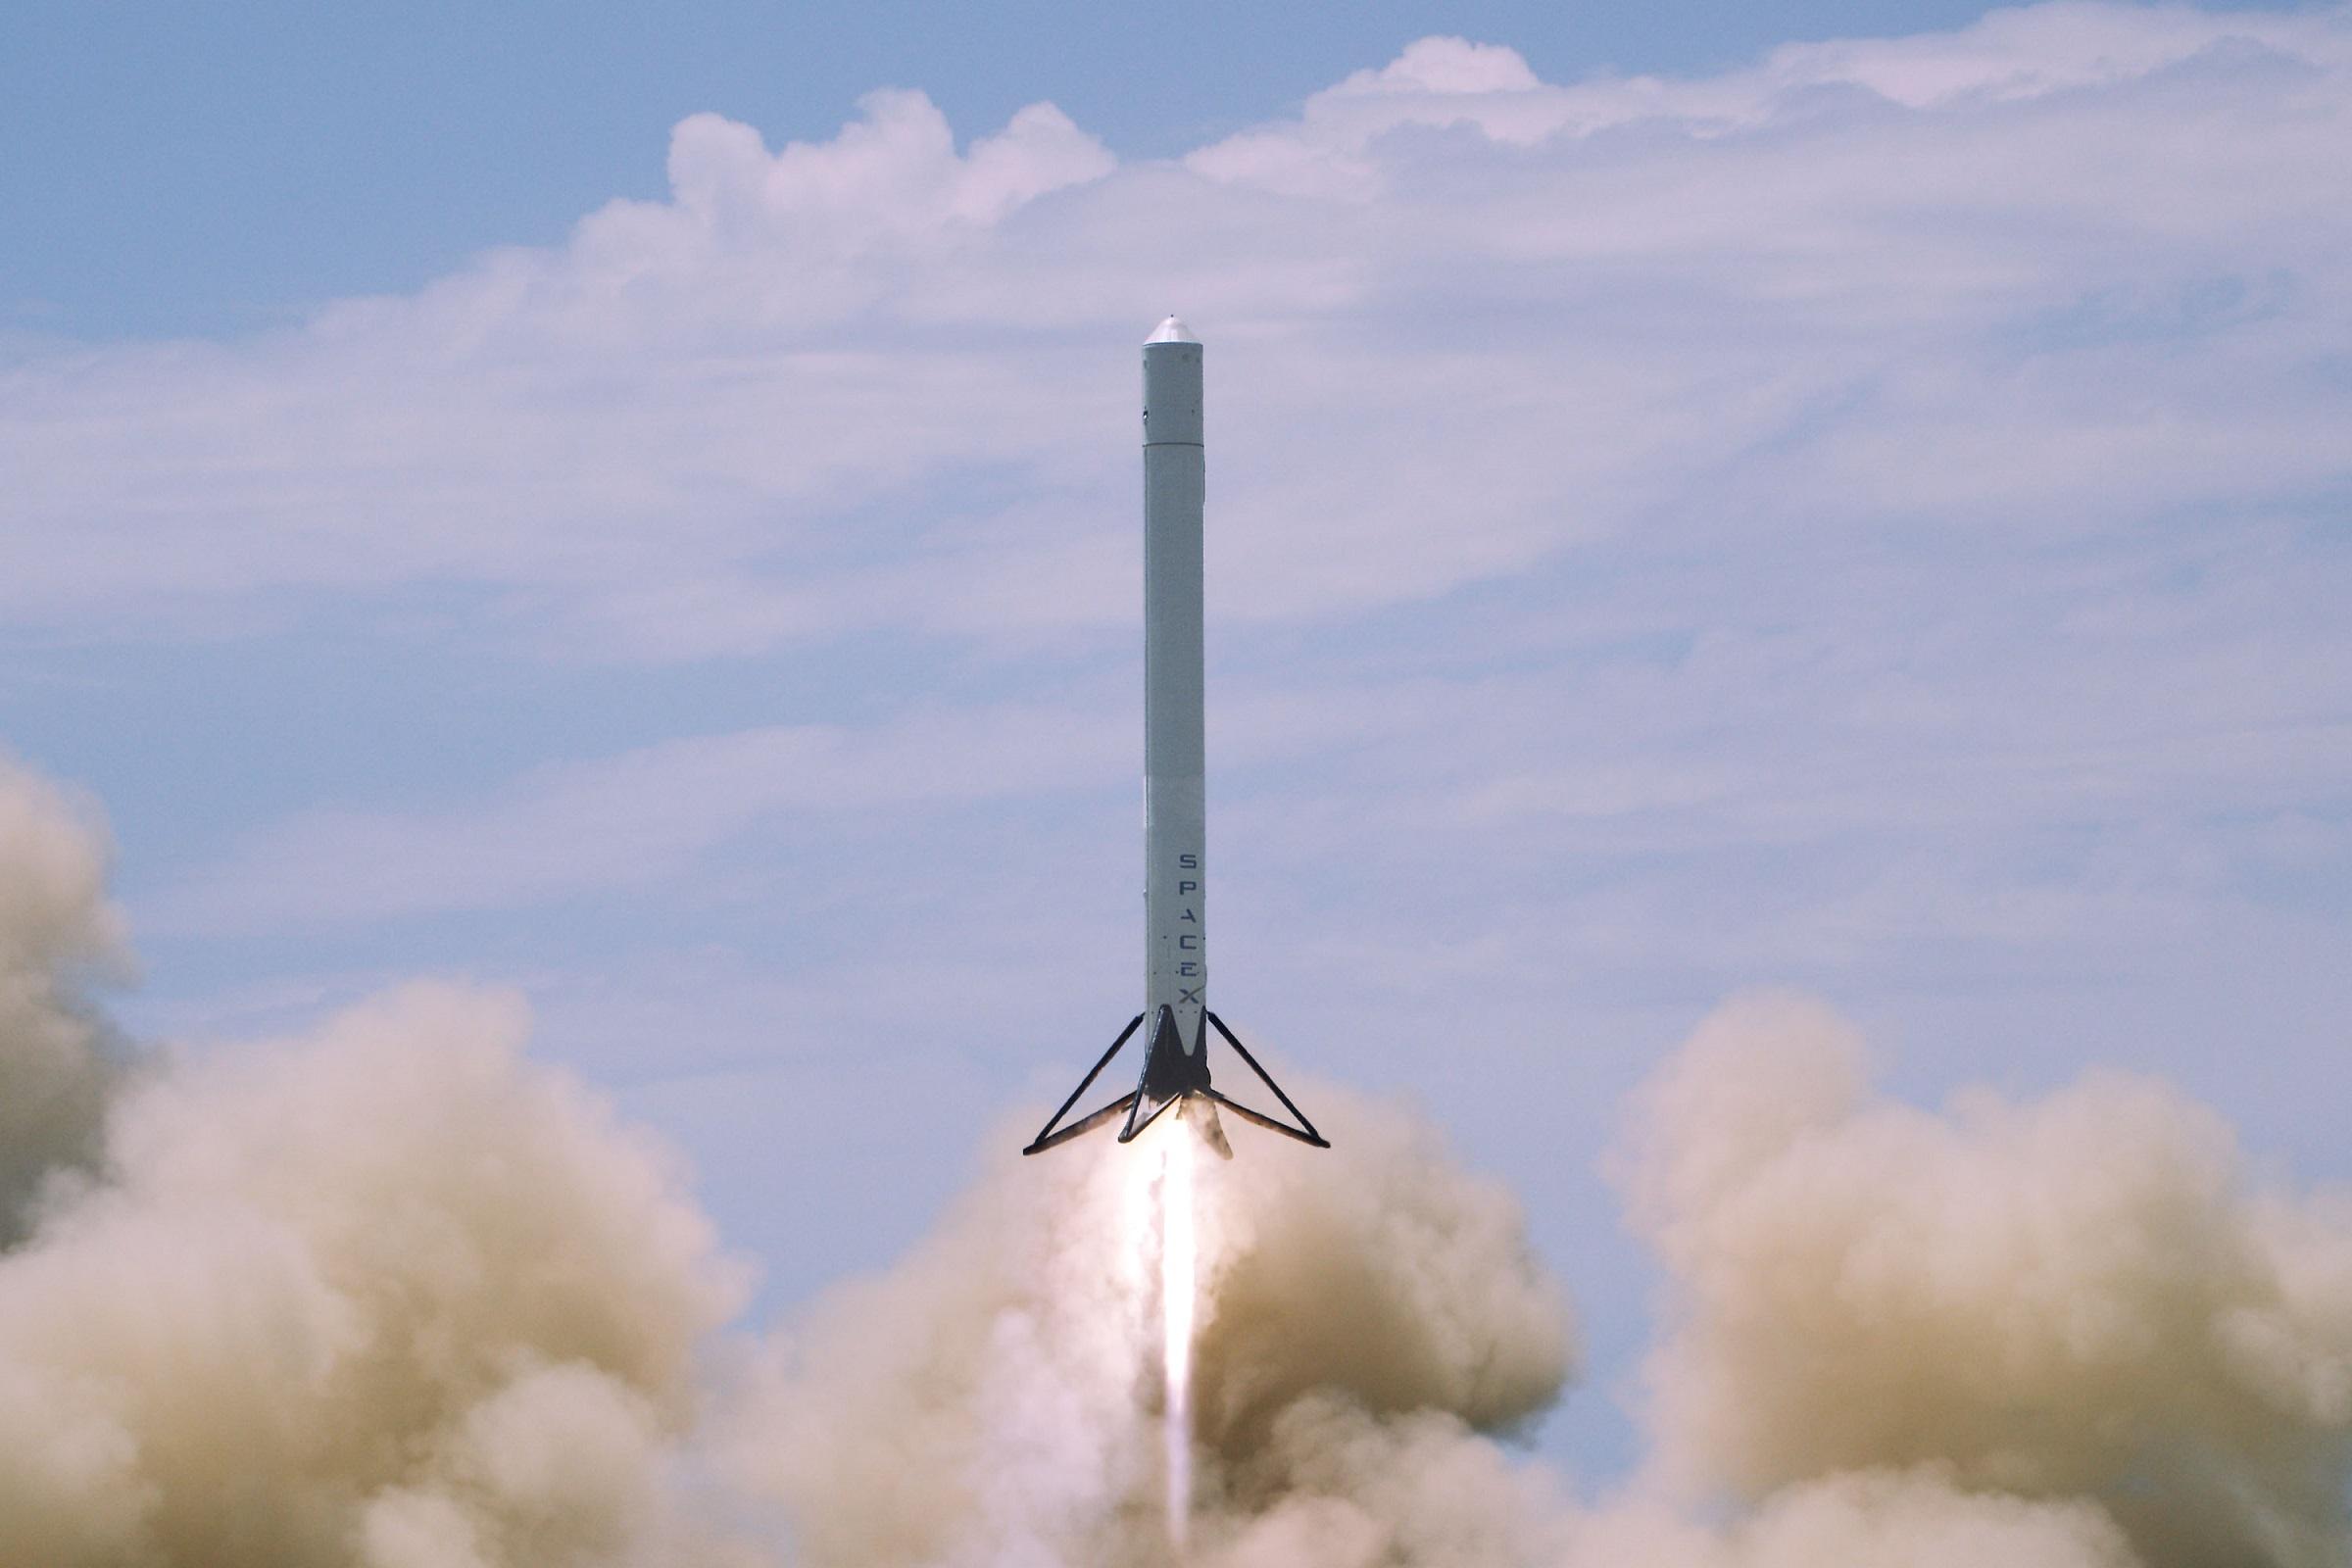 SpaceX : Elon Musk prévoit de tester Internet par satellite dès l'année prochaine